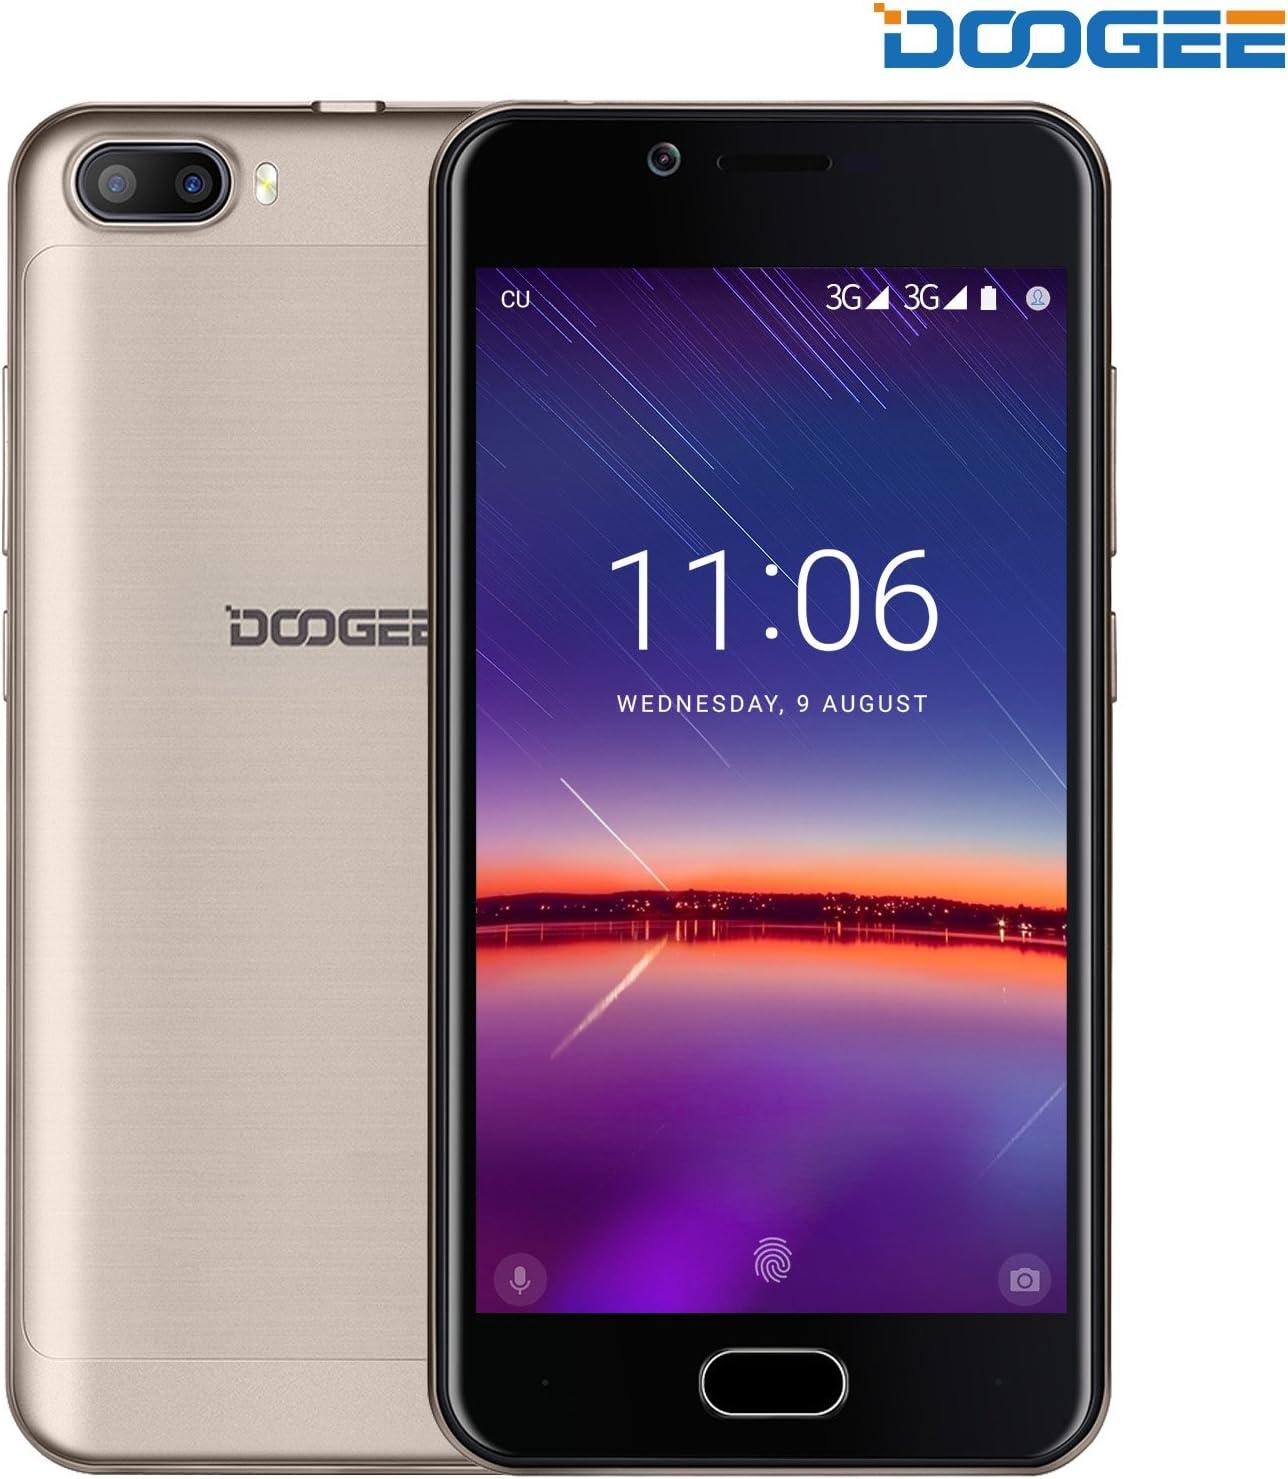 Moviles Libres, DOOGEE SHOOT2 Smartphone Libre sin Bloqueo de SIM Android 7.0 Smartphones: Amazon.es: Electrónica